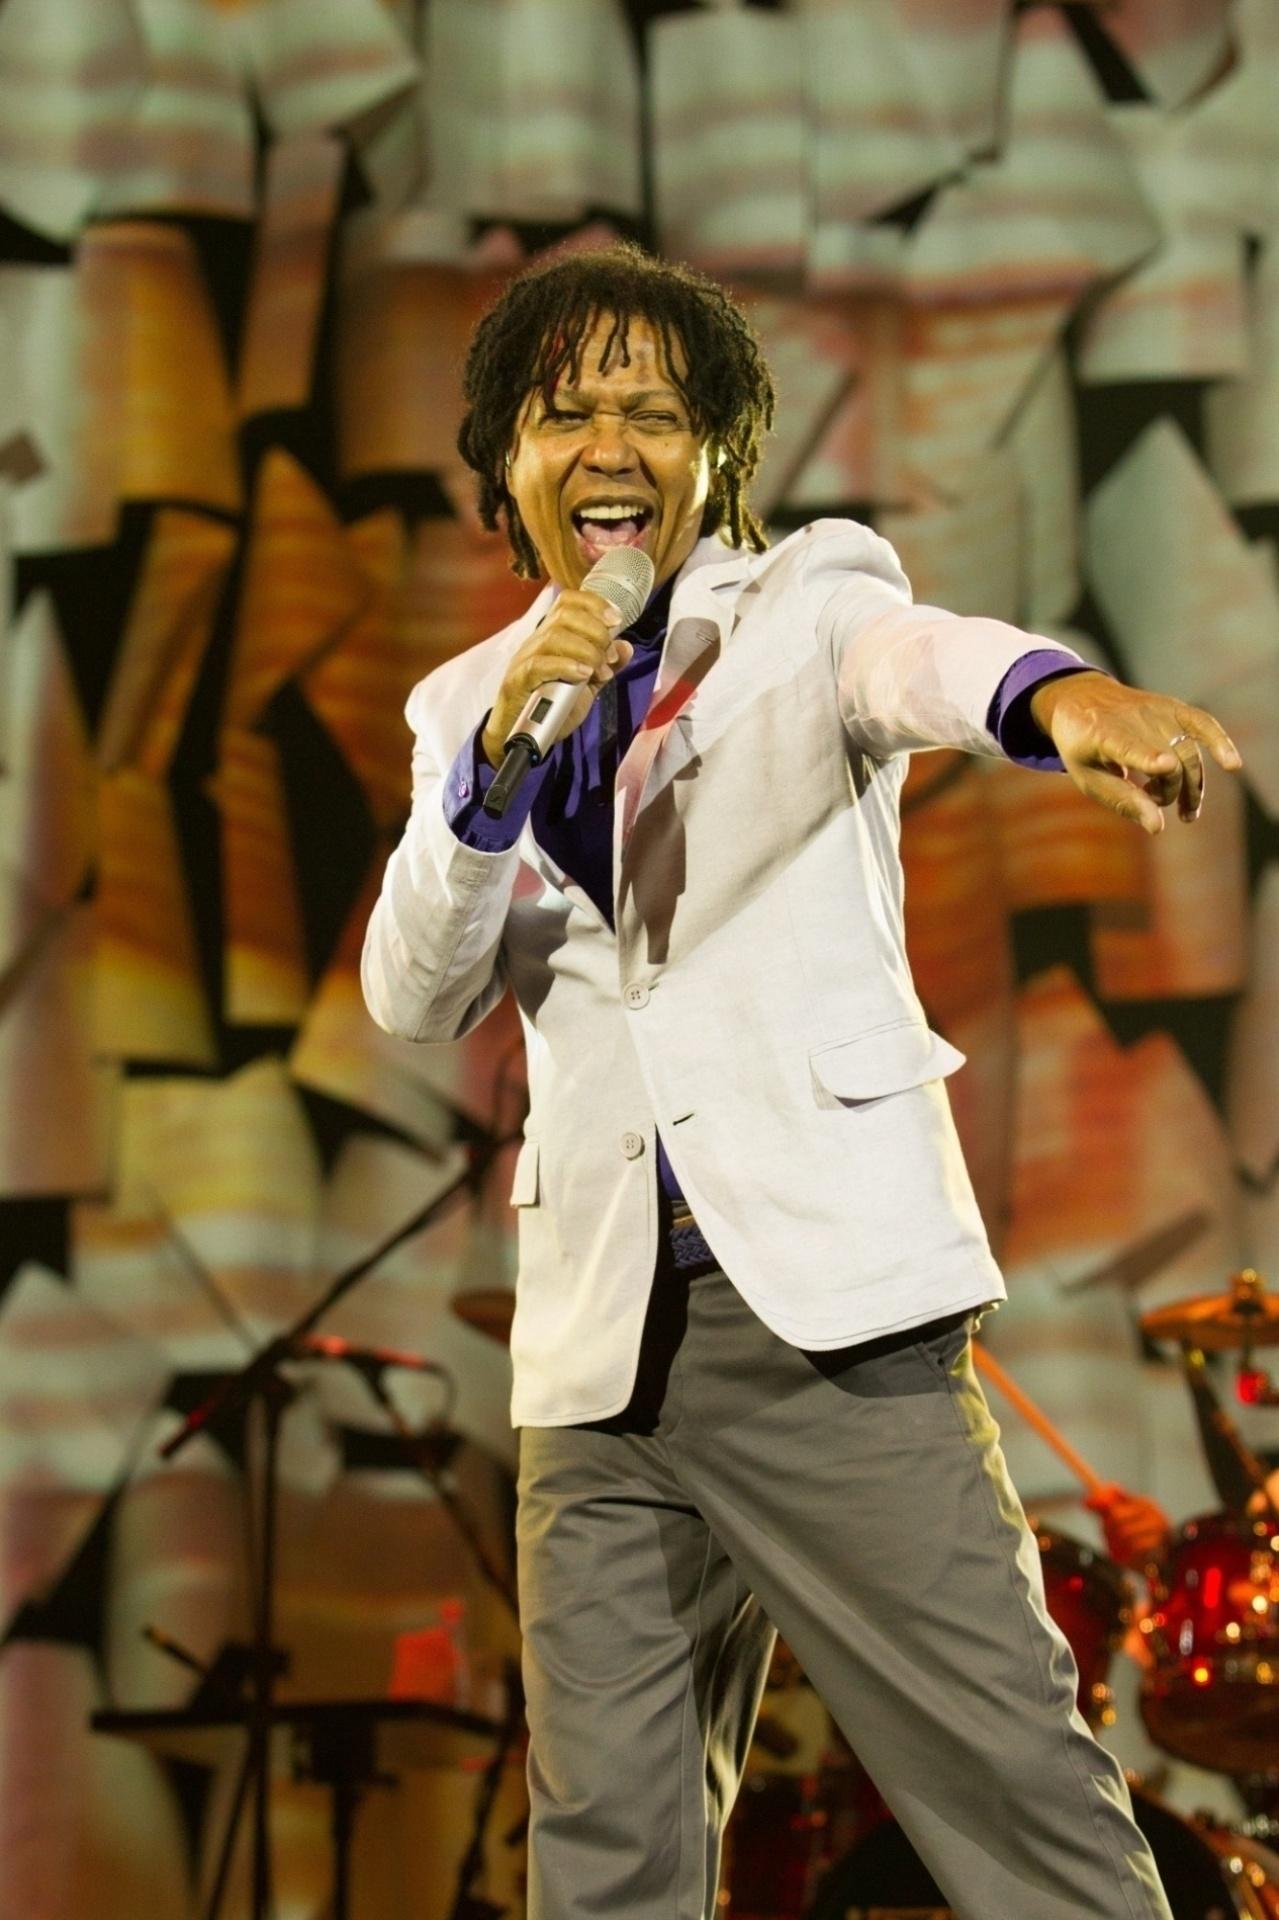 Djavan deixou sua marca no mundo da música como um dos grandes nomes da MPB. Nome completo: Djavan Caetano Viana